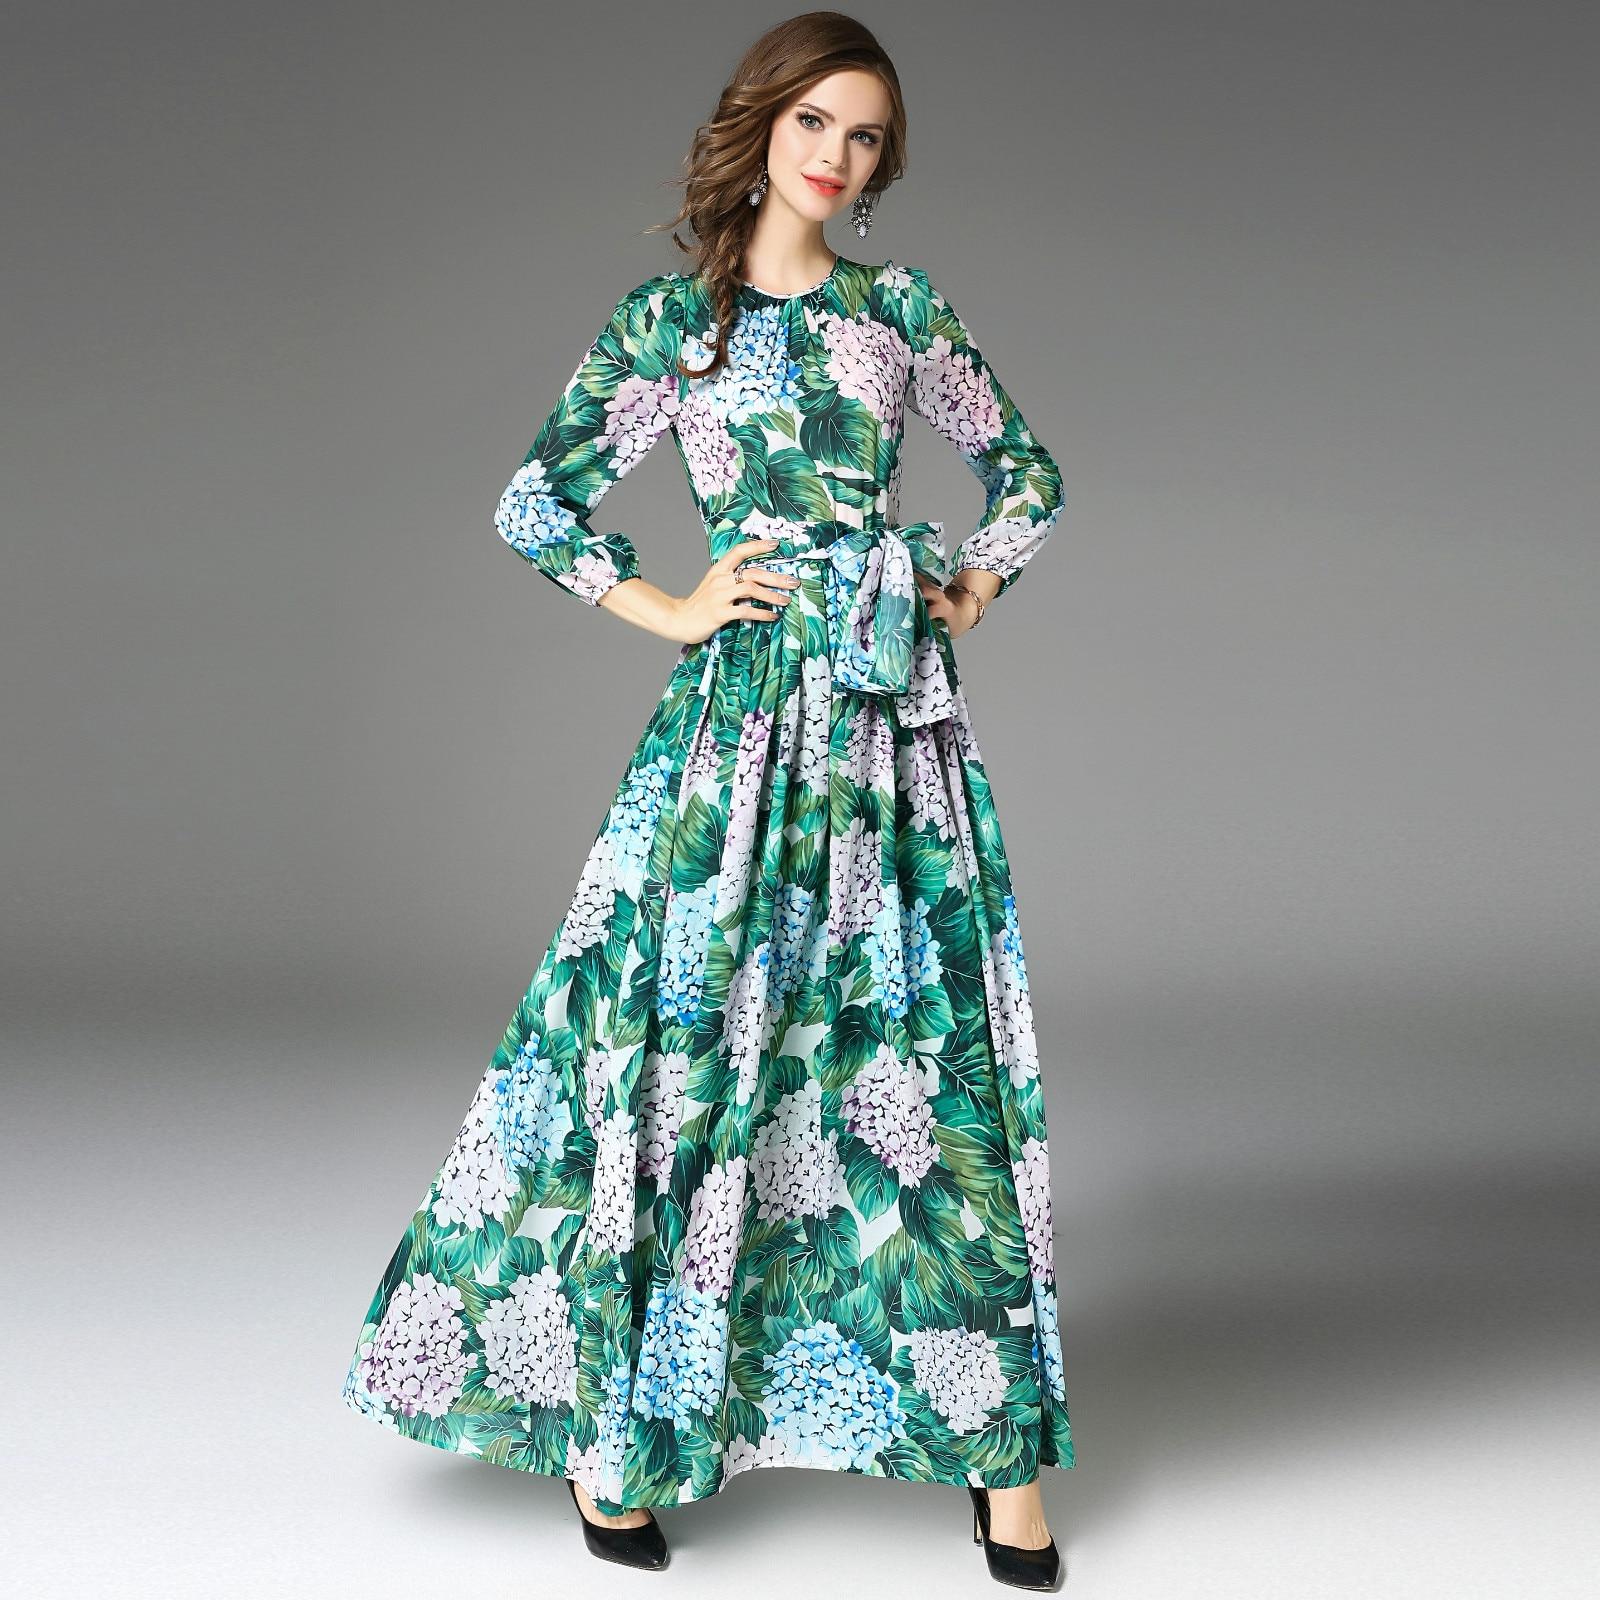 Vestido verde floral longo